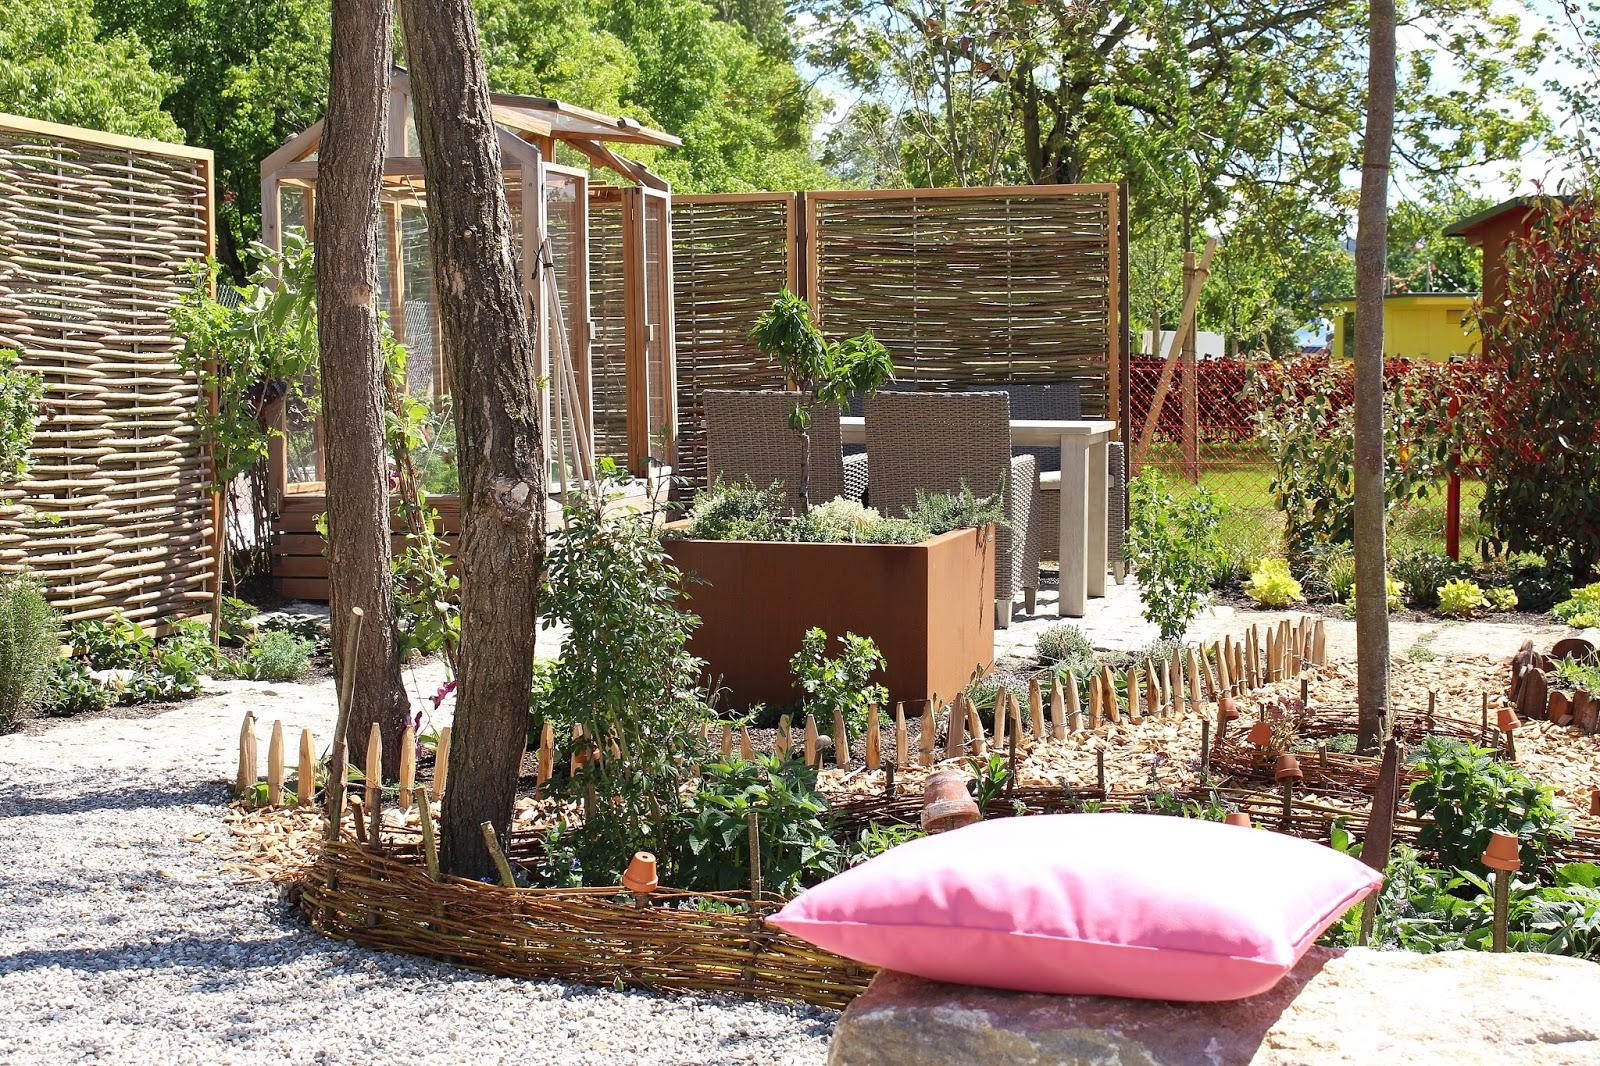 Outdoorküche Garten Forum : Outdoorküche garten forum trendprojekt outdoorküche u tipps rund